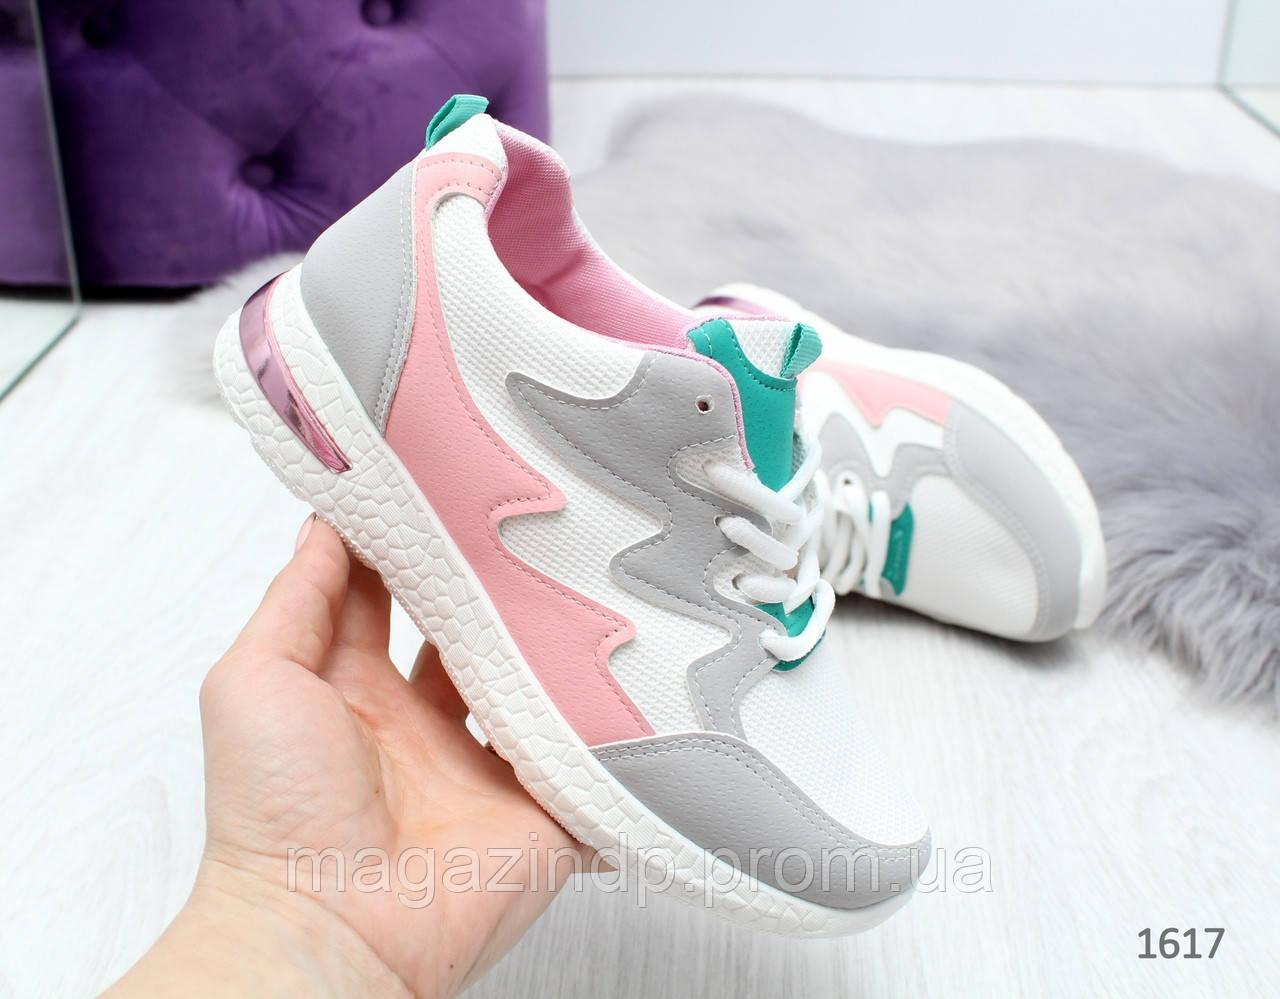 Женские легкие кроссовки для прогулок и спорта Код:973683360